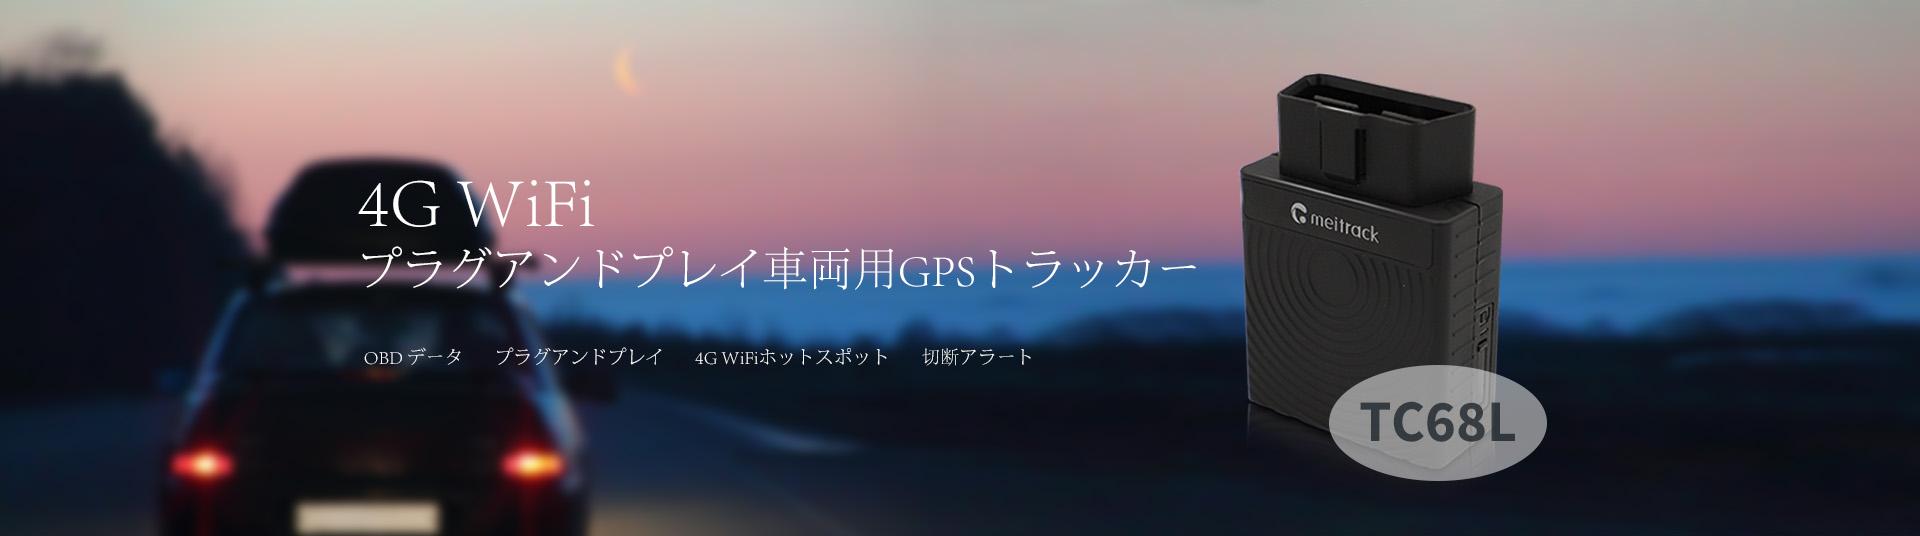 TC68L-banner_jp